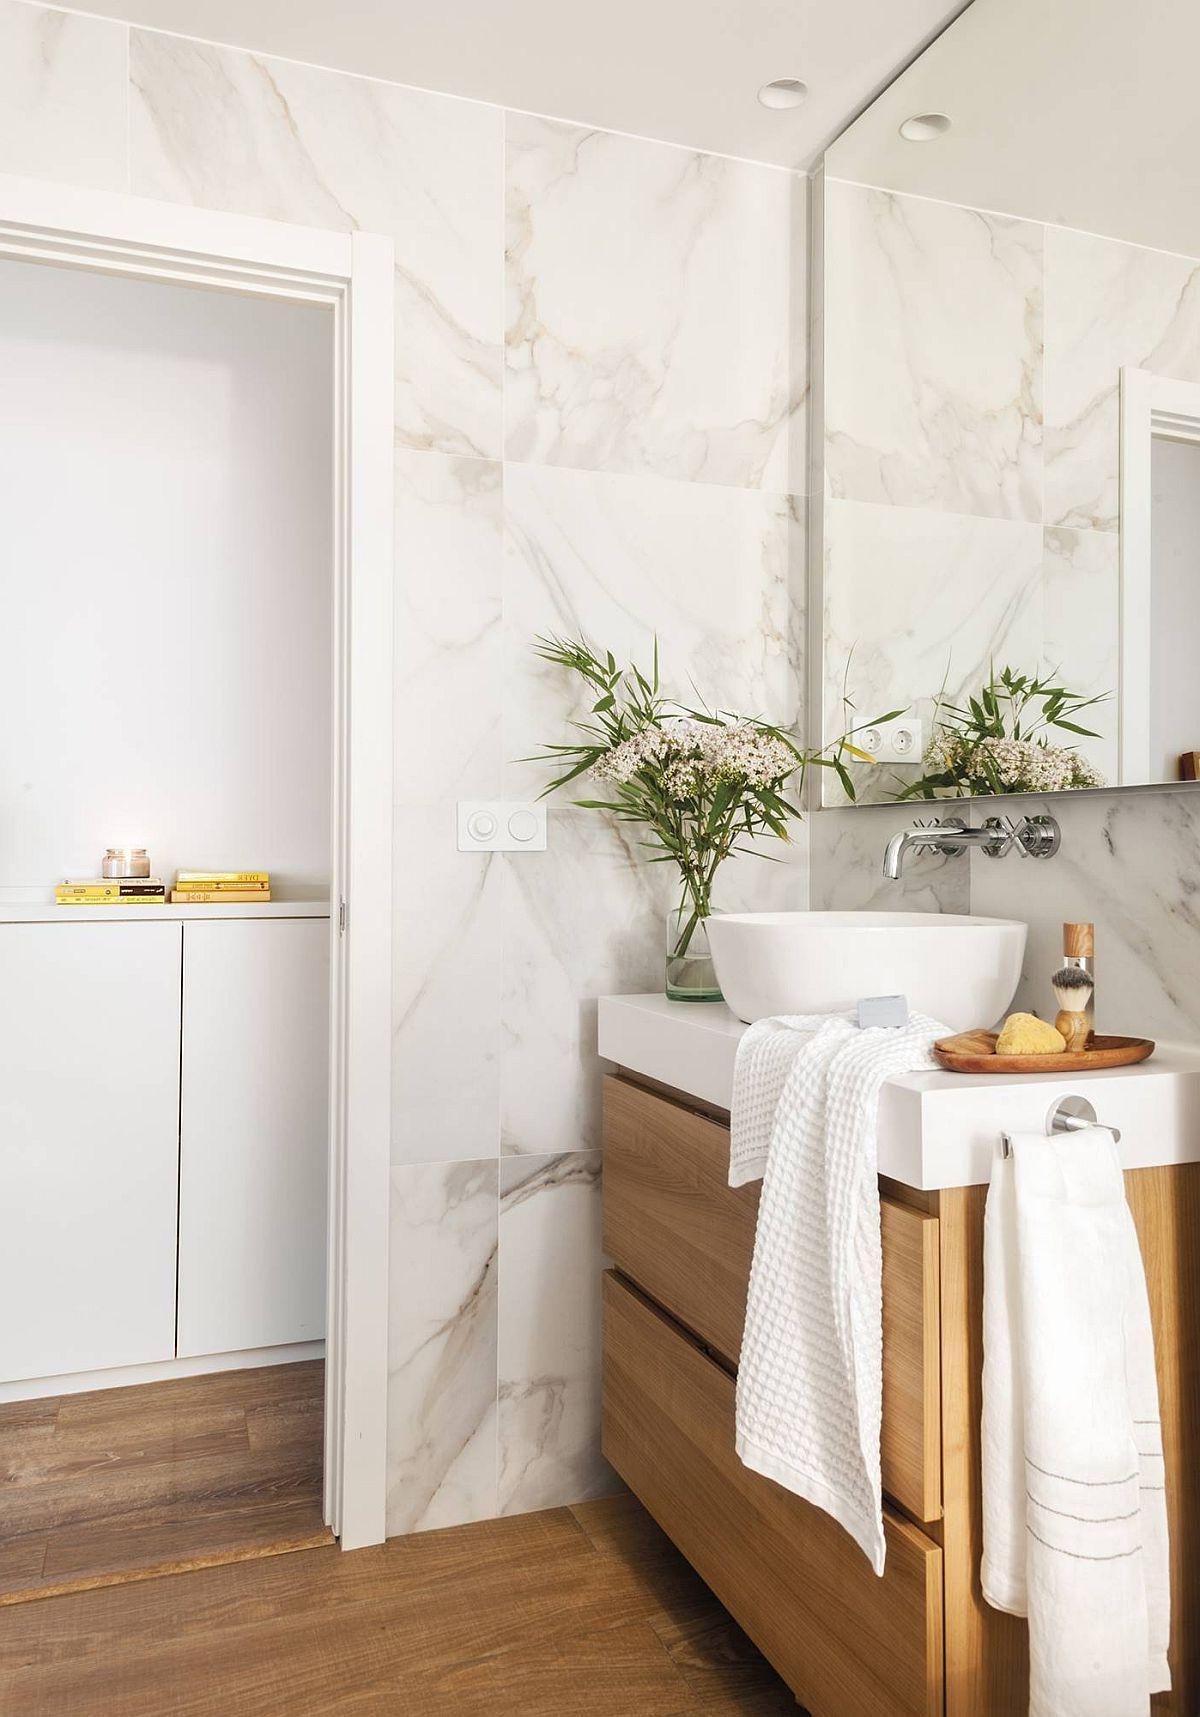 Camera de baie este finisată cu o gresie aleasă asortat cu parchetul din cameră, astfel că pardoseala pare că se continnuă. Pereți sunt placați cu plăci care imită desenul marmurei, iar oglinda supradimensionată dă impresia de spațiu mai amplu și luminos.